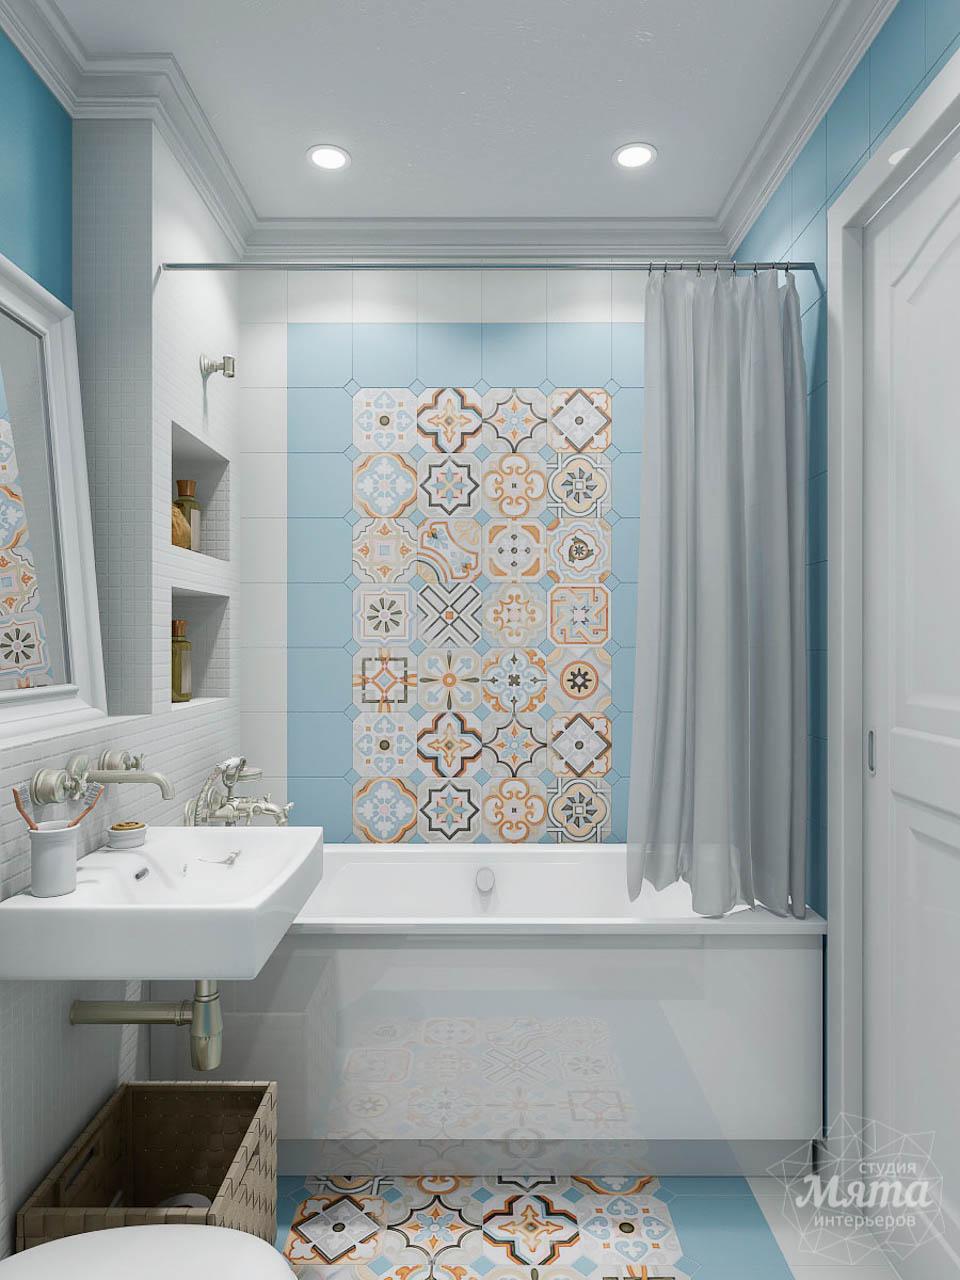 Дизайн интерьера однокомнатной квартиры по ул. Мичурина 231 img1027889893